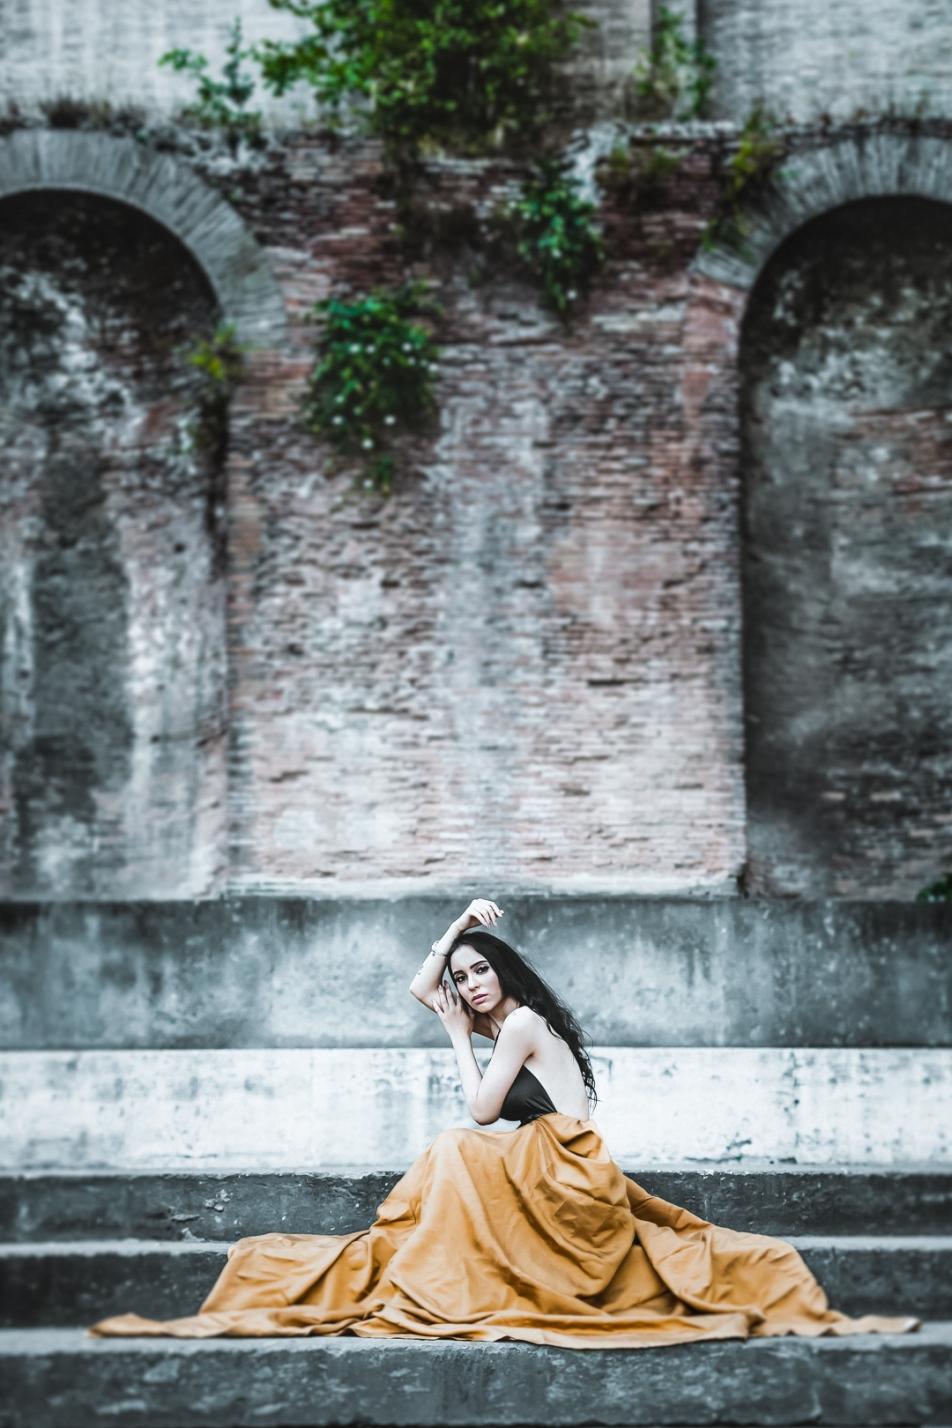 Model: Alessia in Rome